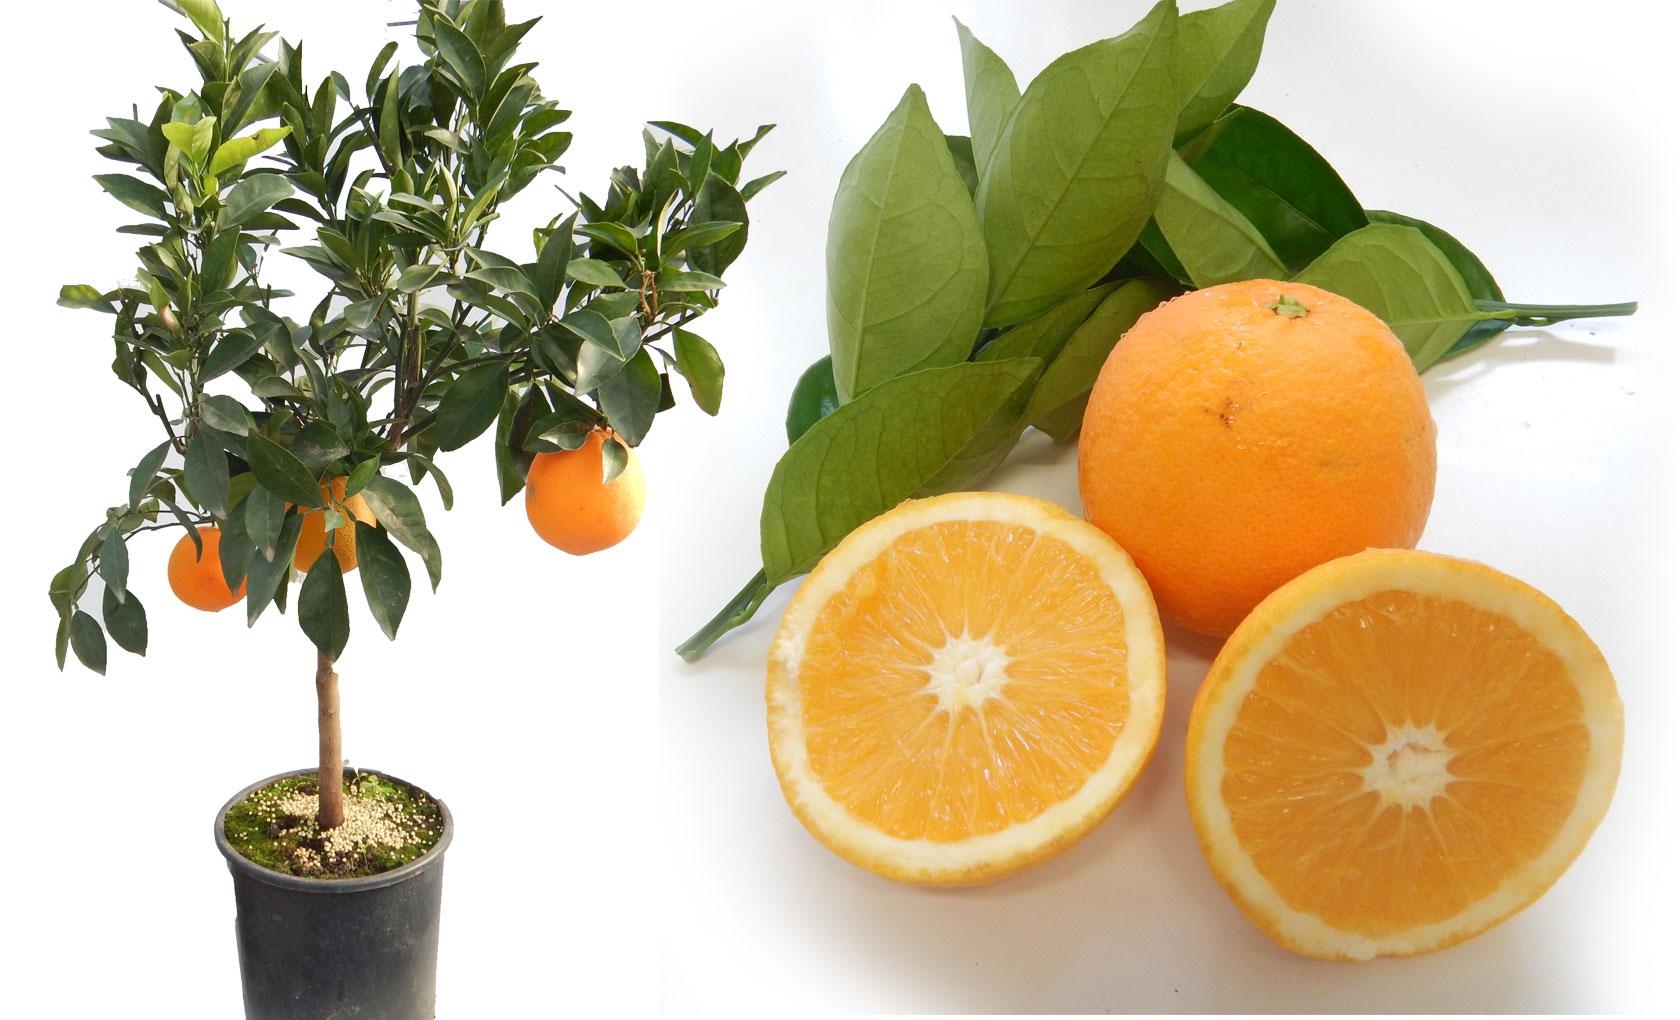 Piante Da Frutto Nane pianta di arancio navellina in vaso 20 cm - savini vivai di